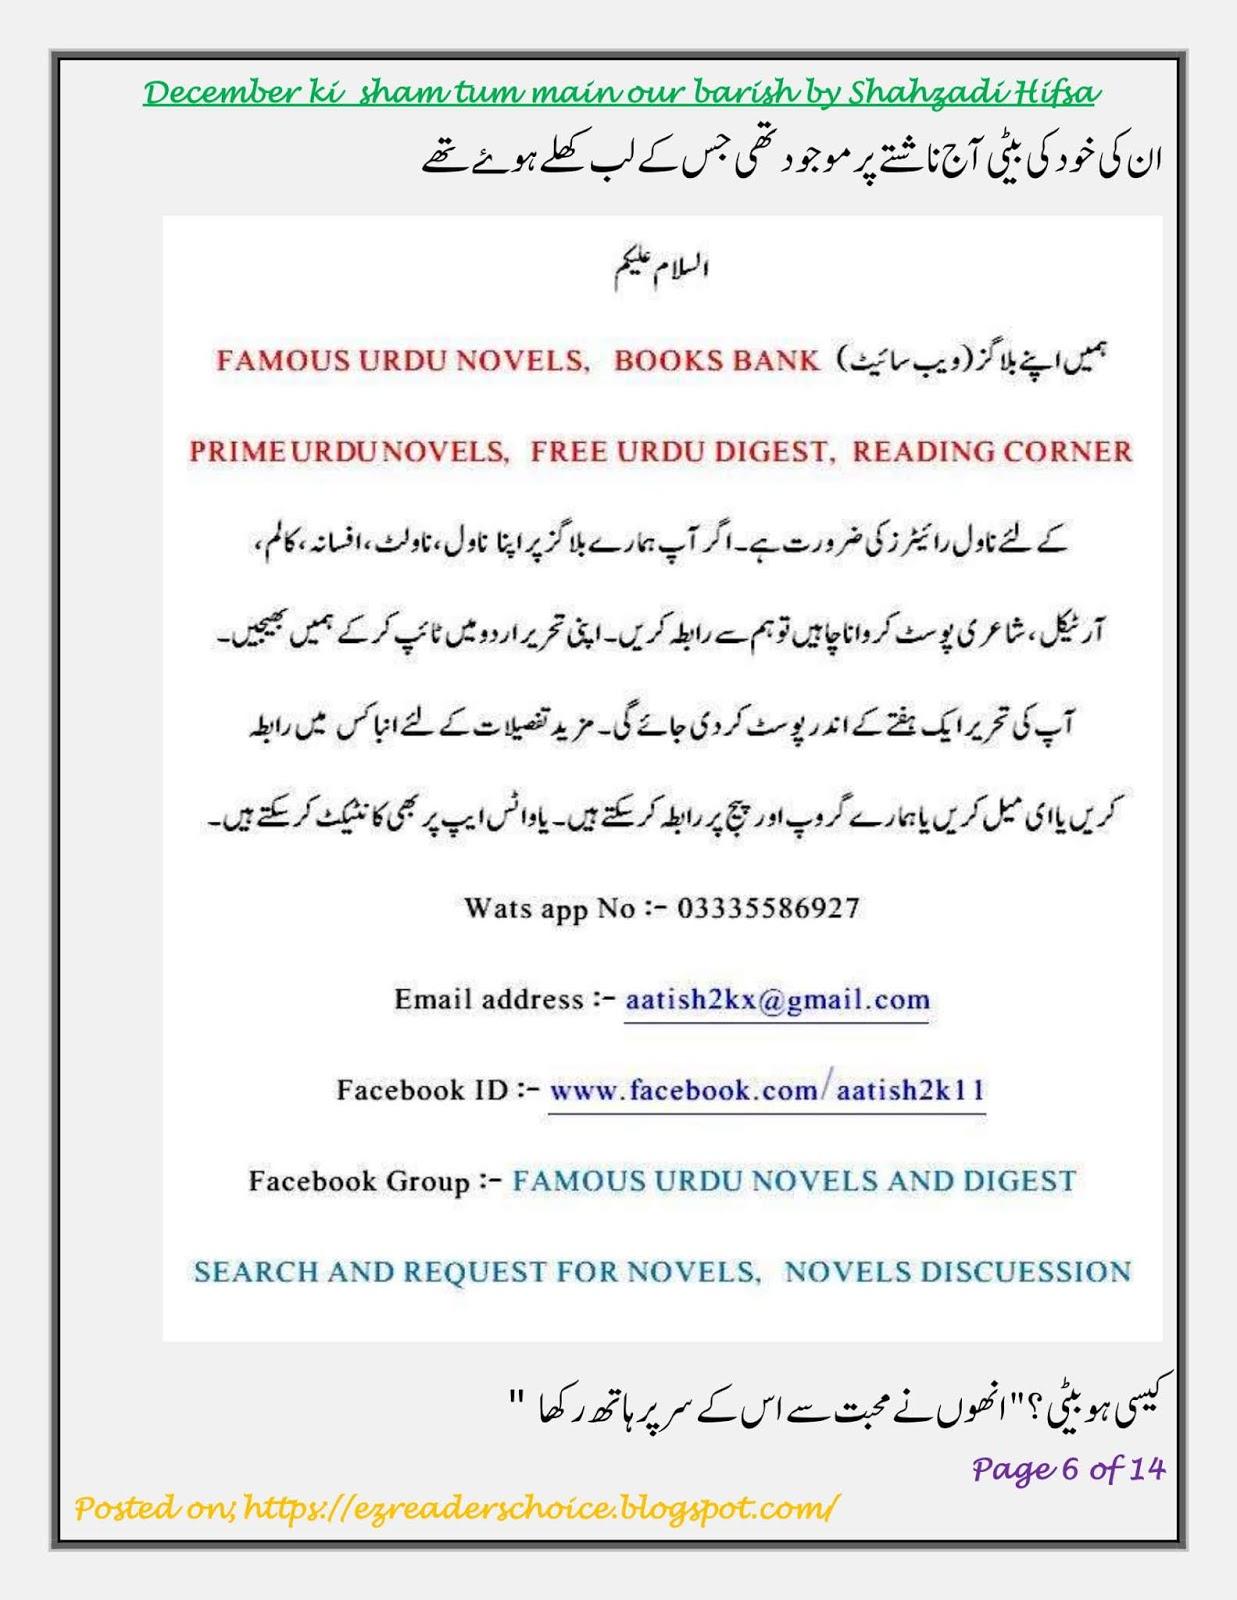 December ki shaam tum main our barish by Shahzadi Hifsa epi